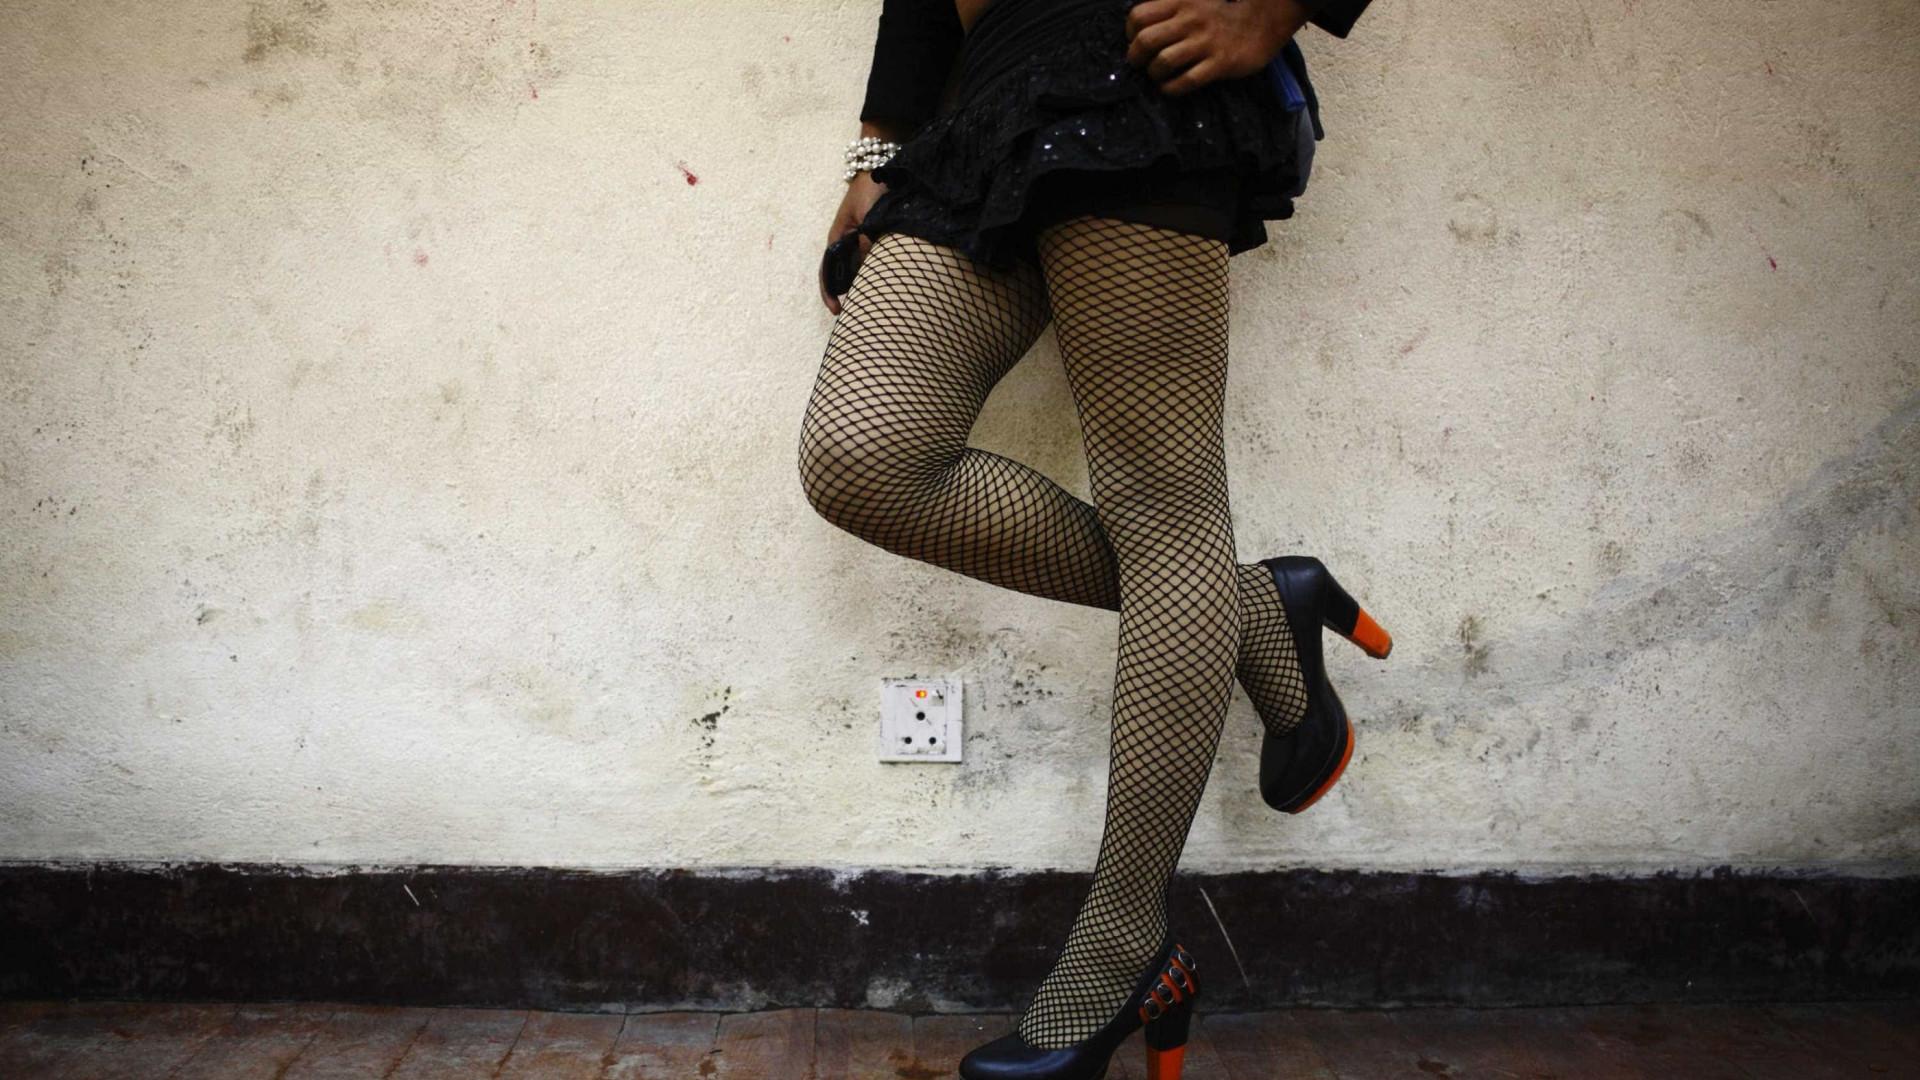 Prostituta mata cliente por este não pagar serviço de 15 euros